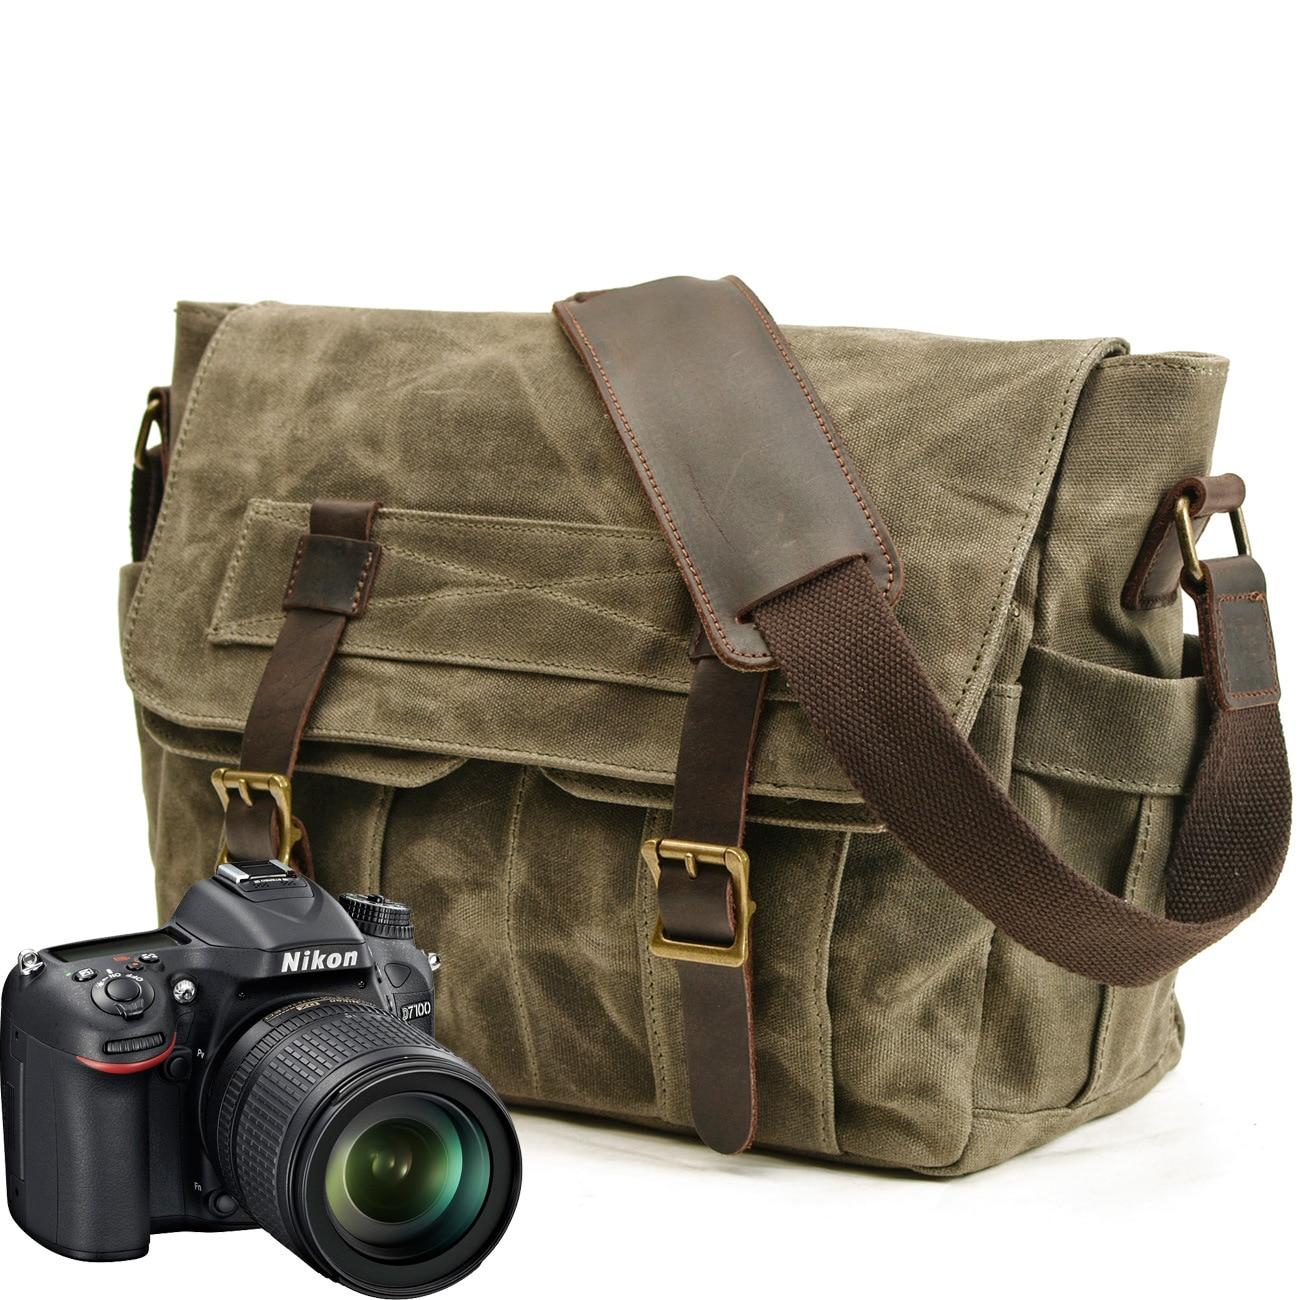 Sac appareil photo numérique sac bandoulière appareil photo masse Nikon Canon